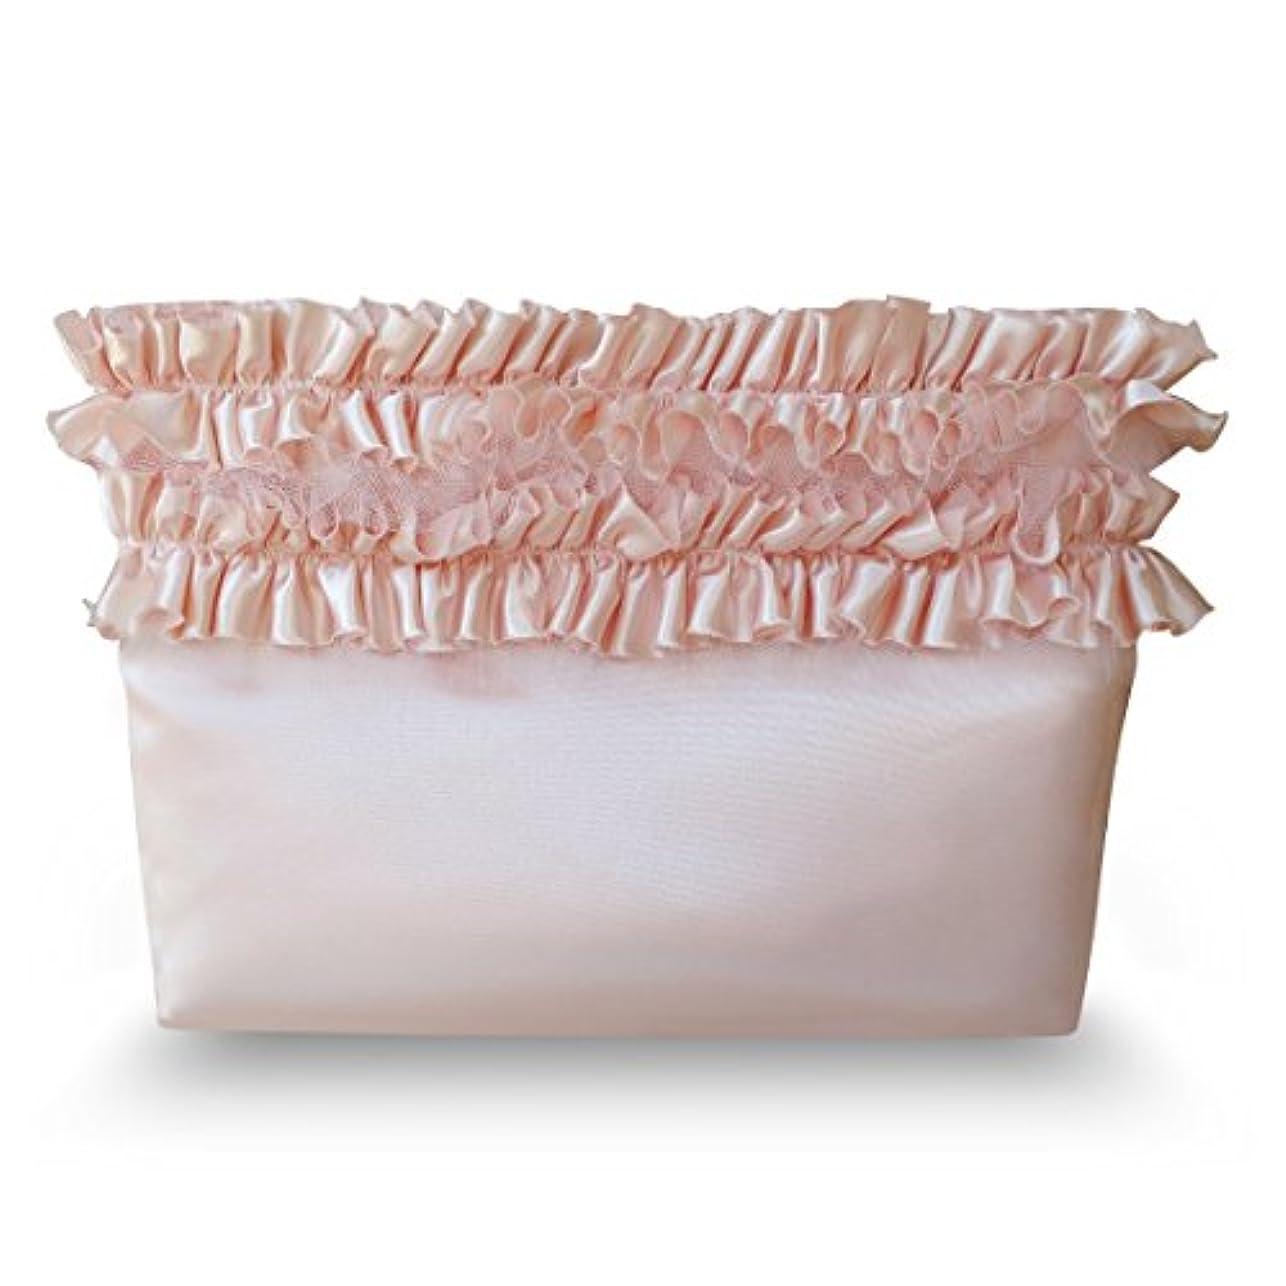 干渉防止溶融化粧ポーチ コスメポーチ インナーポーチ 小物入れポーチ 可愛いポーチ 日本製 ジュリエットレースポーチ